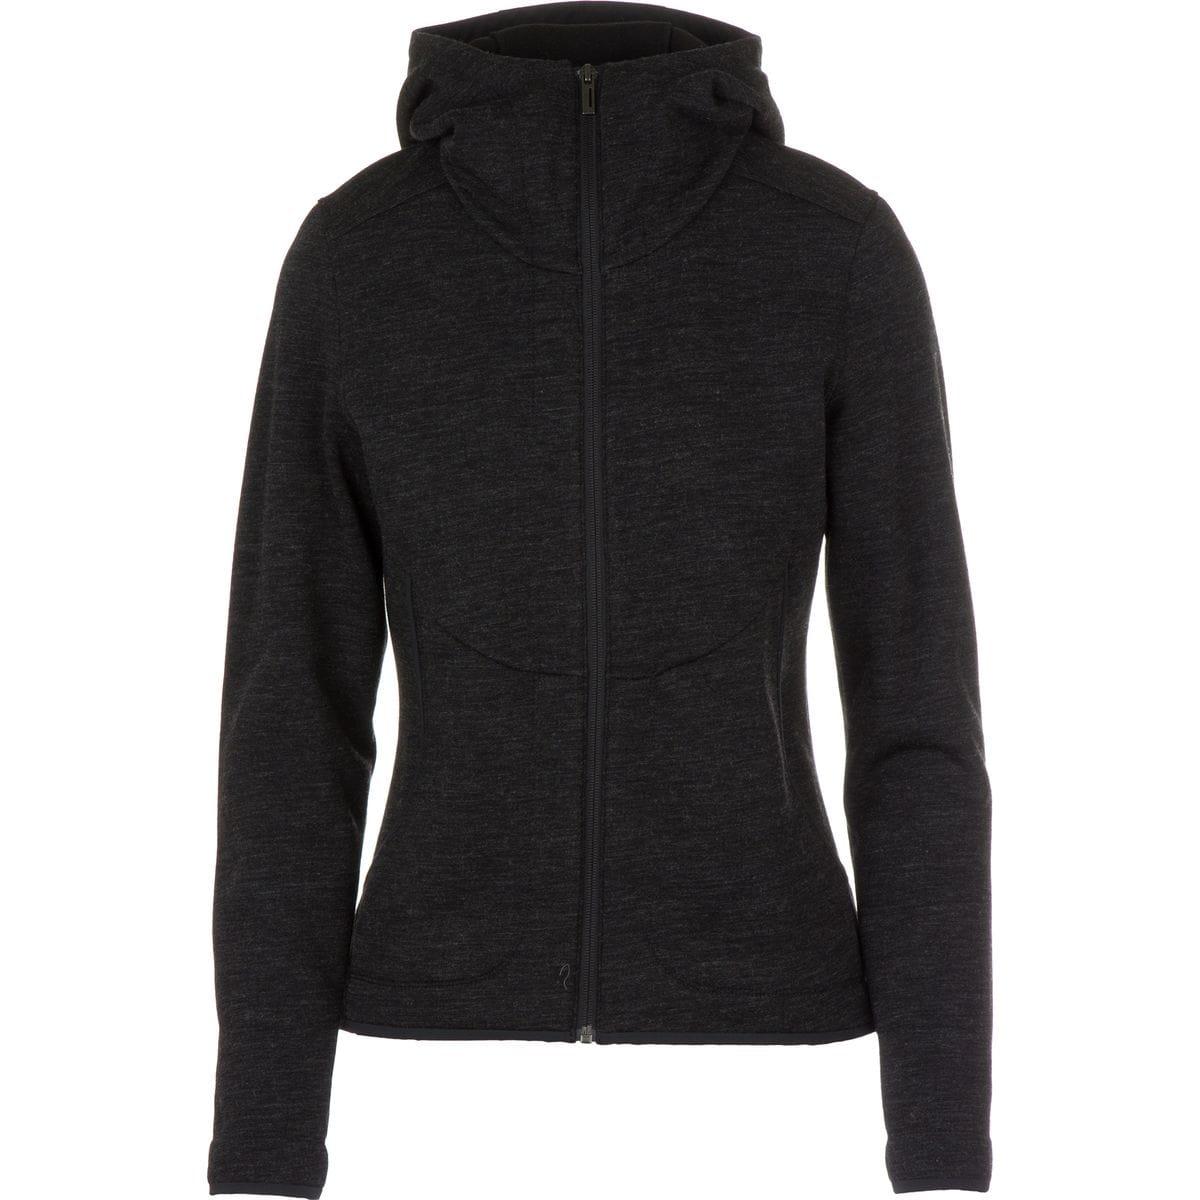 NAU Randygoat Plus Fleece Jacket - Women